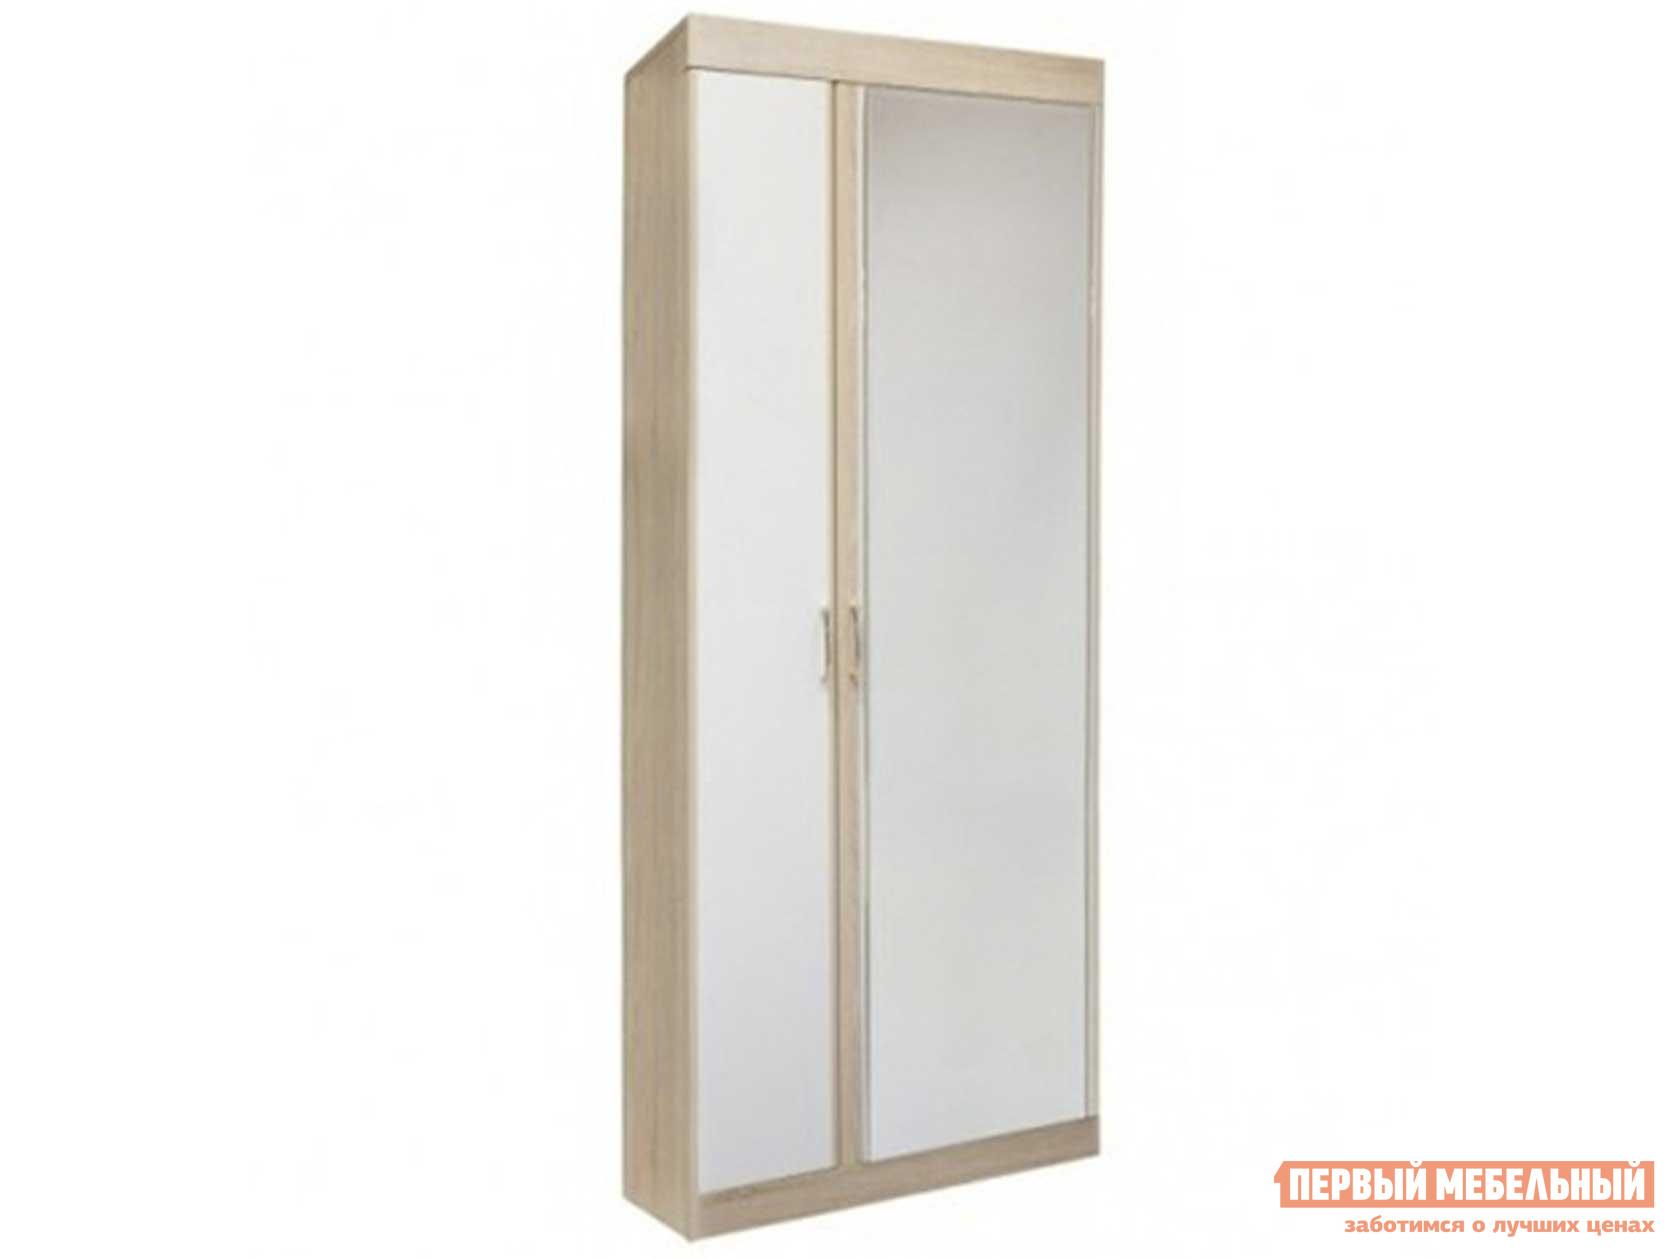 Шкаф распашной ТД Арника Ника Мод. Н1 Шкаф для одежды шкаф угловой тд арника ника мод н5 шкаф угловой без зеркала боковые стороны одинаковые 360 мм